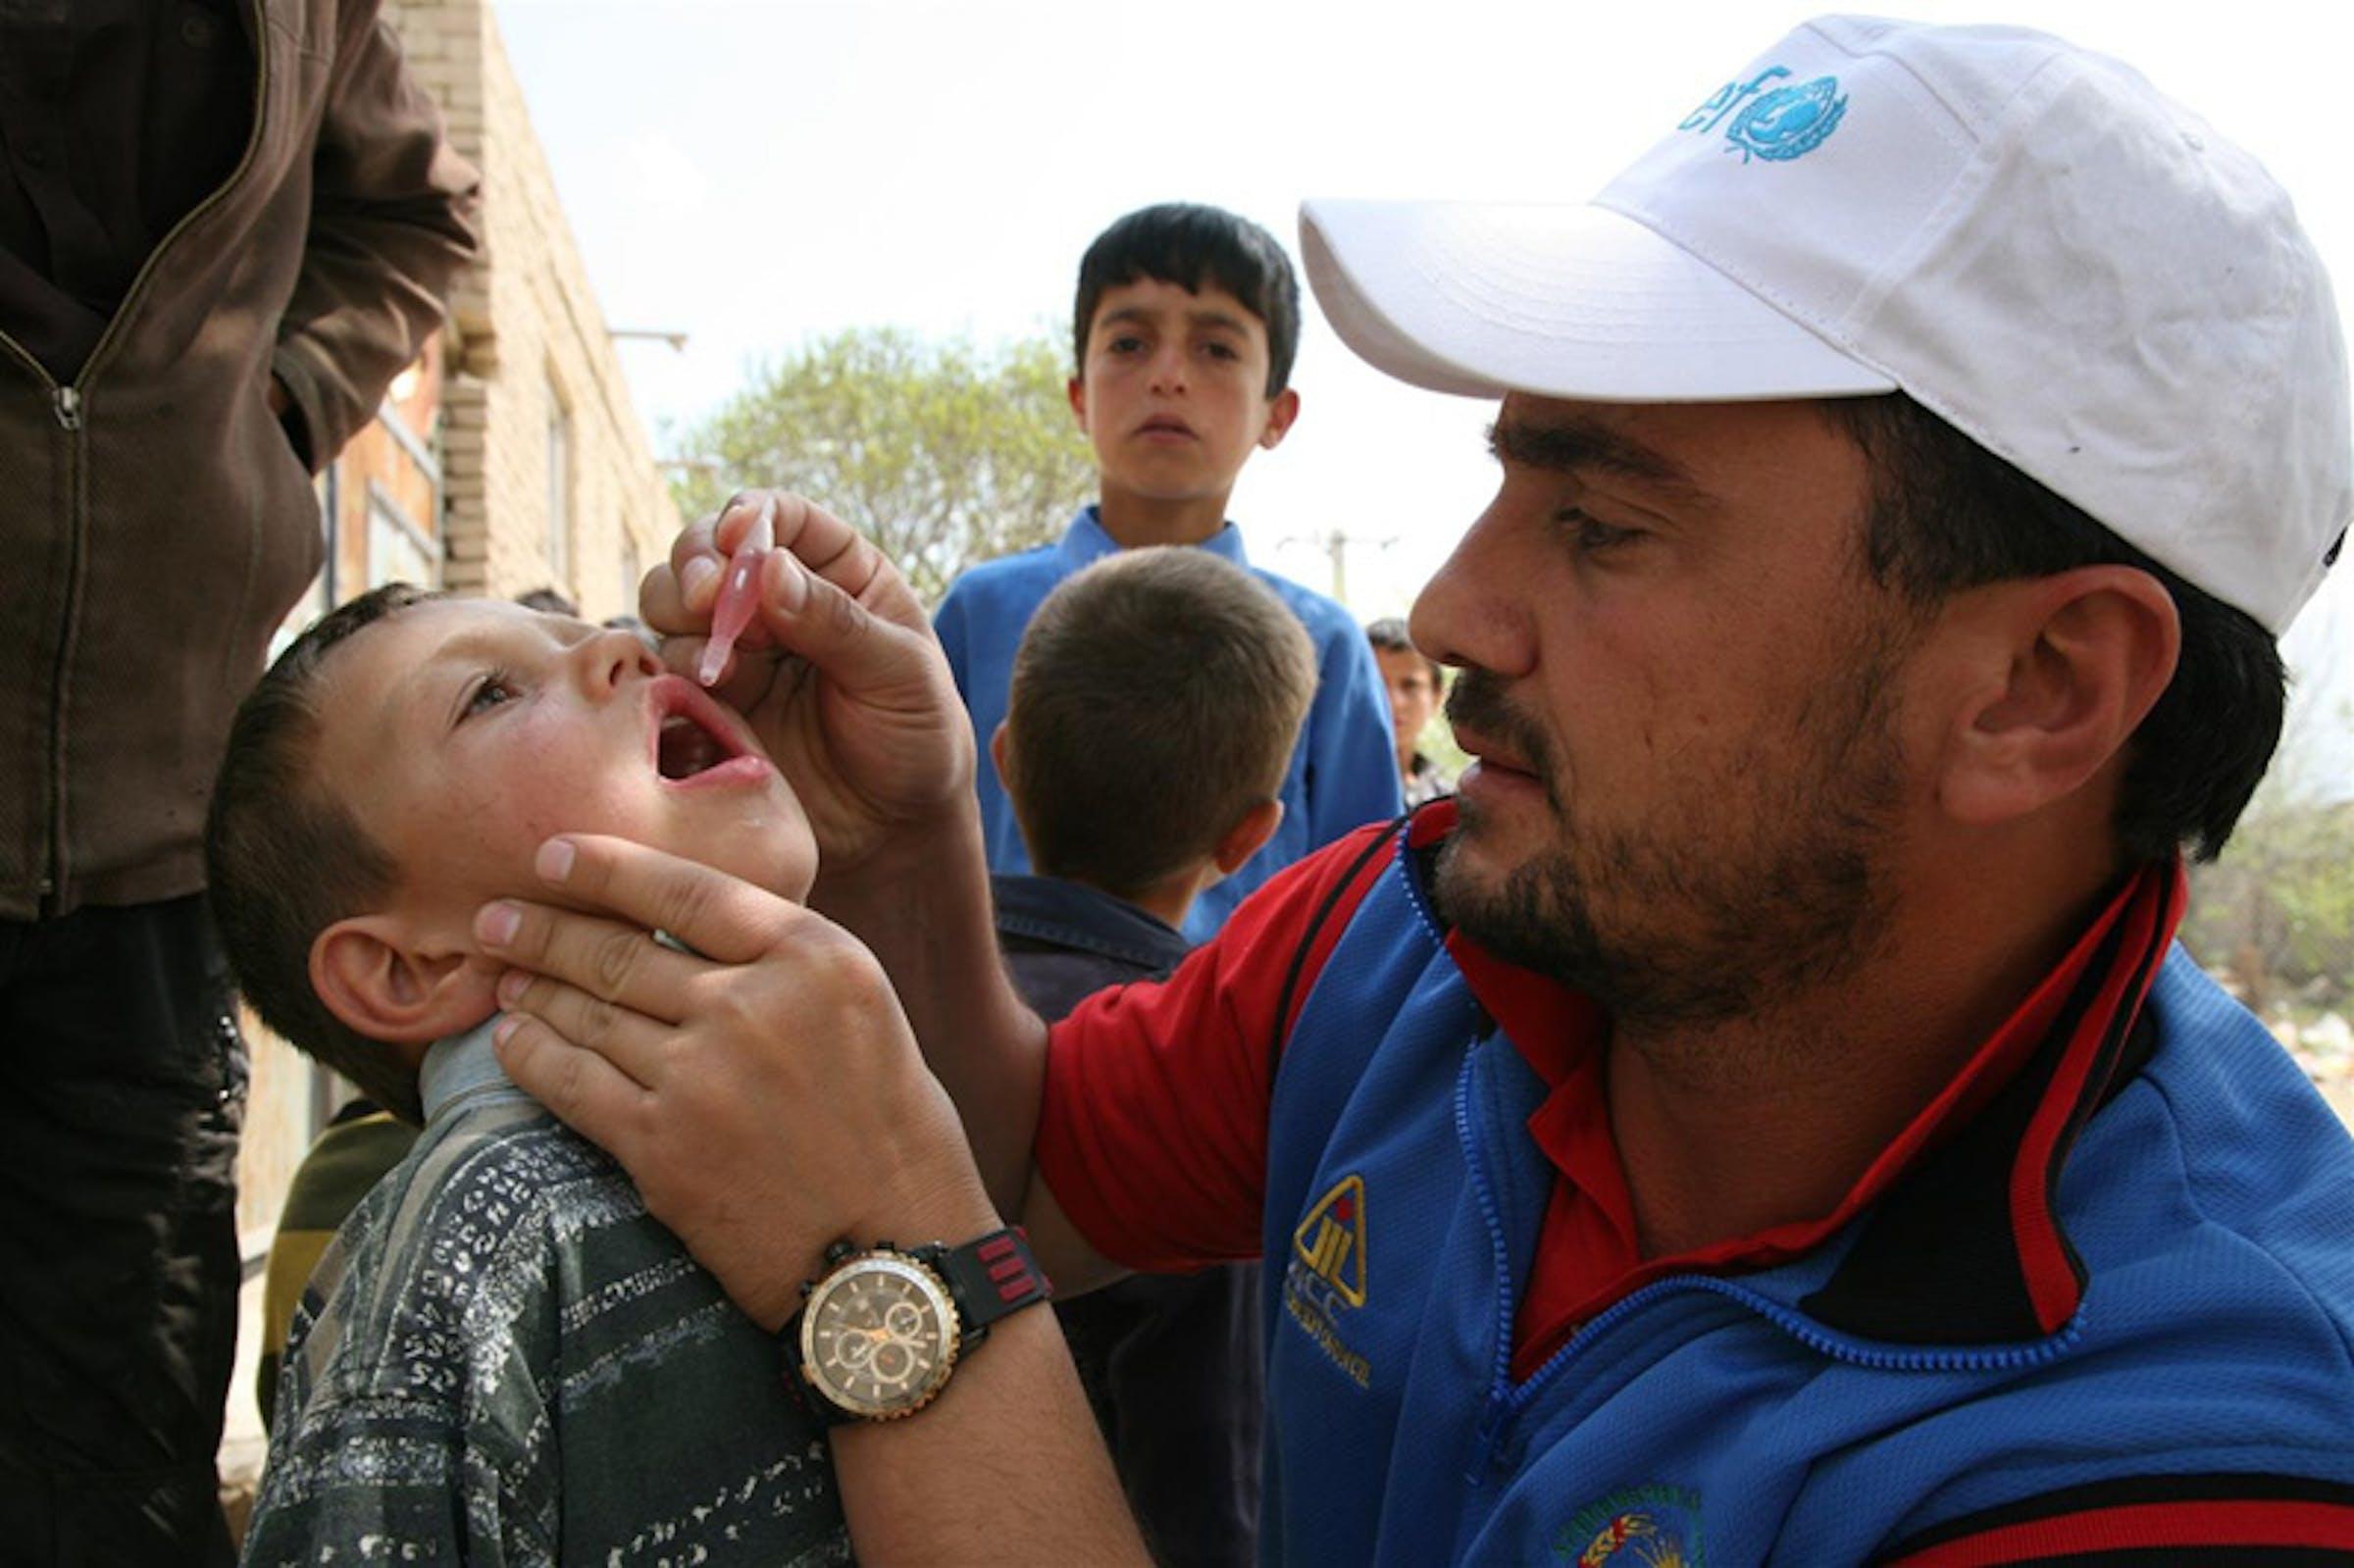 Il campione afgano di cricket e Ambasciatore UNICEF Raees Ahmadzai vaccina un bambino contro la polio durante la Settimana Mondiale delle Vaccinazioni 2012 - ©UNICEF Afghanistan/2012-0038/A.Frutan